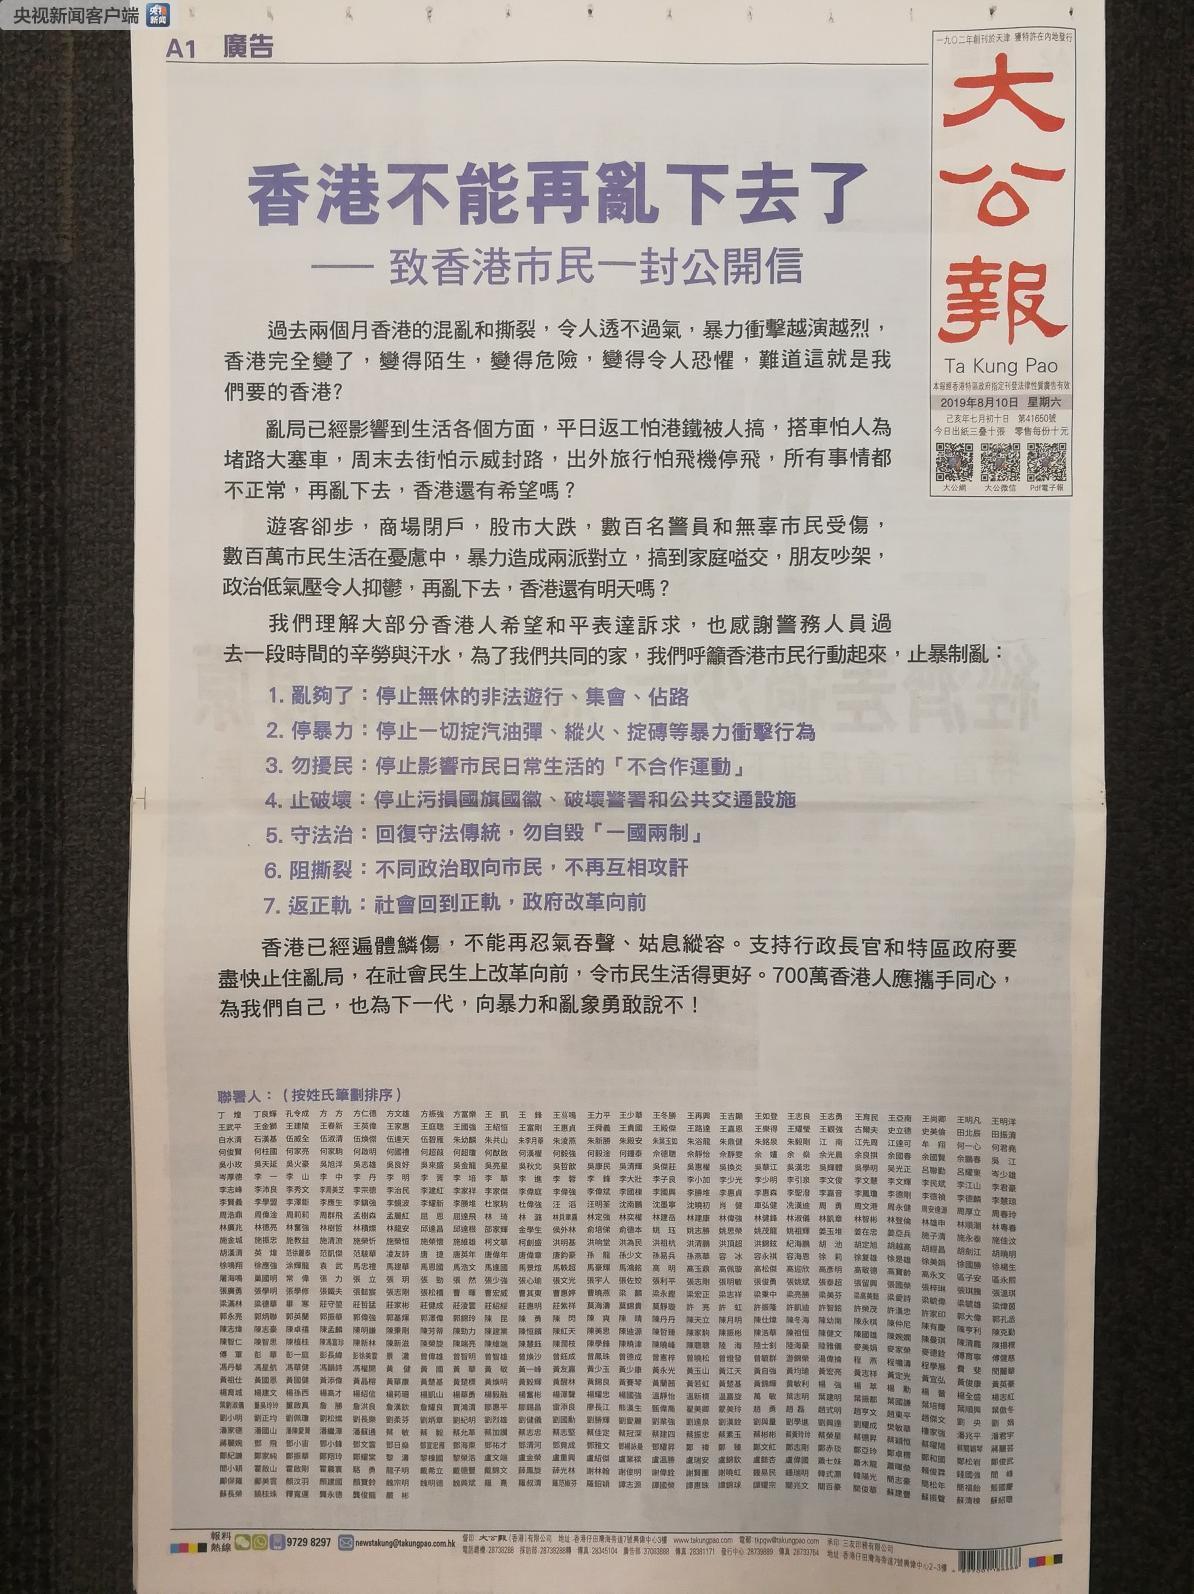 香港多家媒体刊发公开信:香港不能再乱下去了